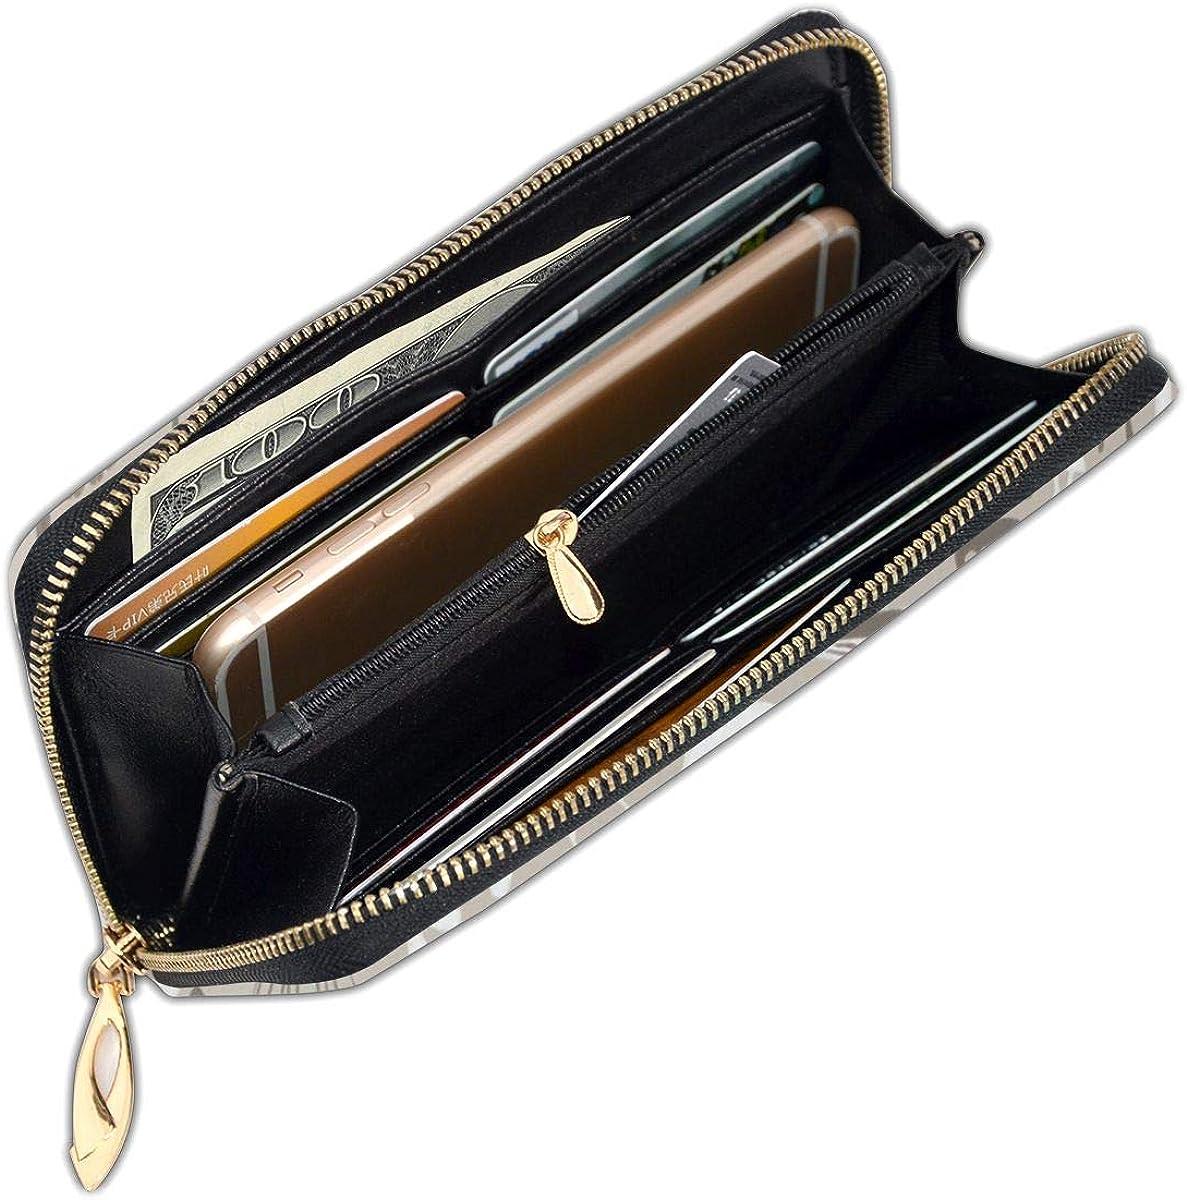 Women Genuine Leather Wallets Happy New Year Credit Card Holder Organizer Ladies Purse Zipper Around Clutch Cash Pocket